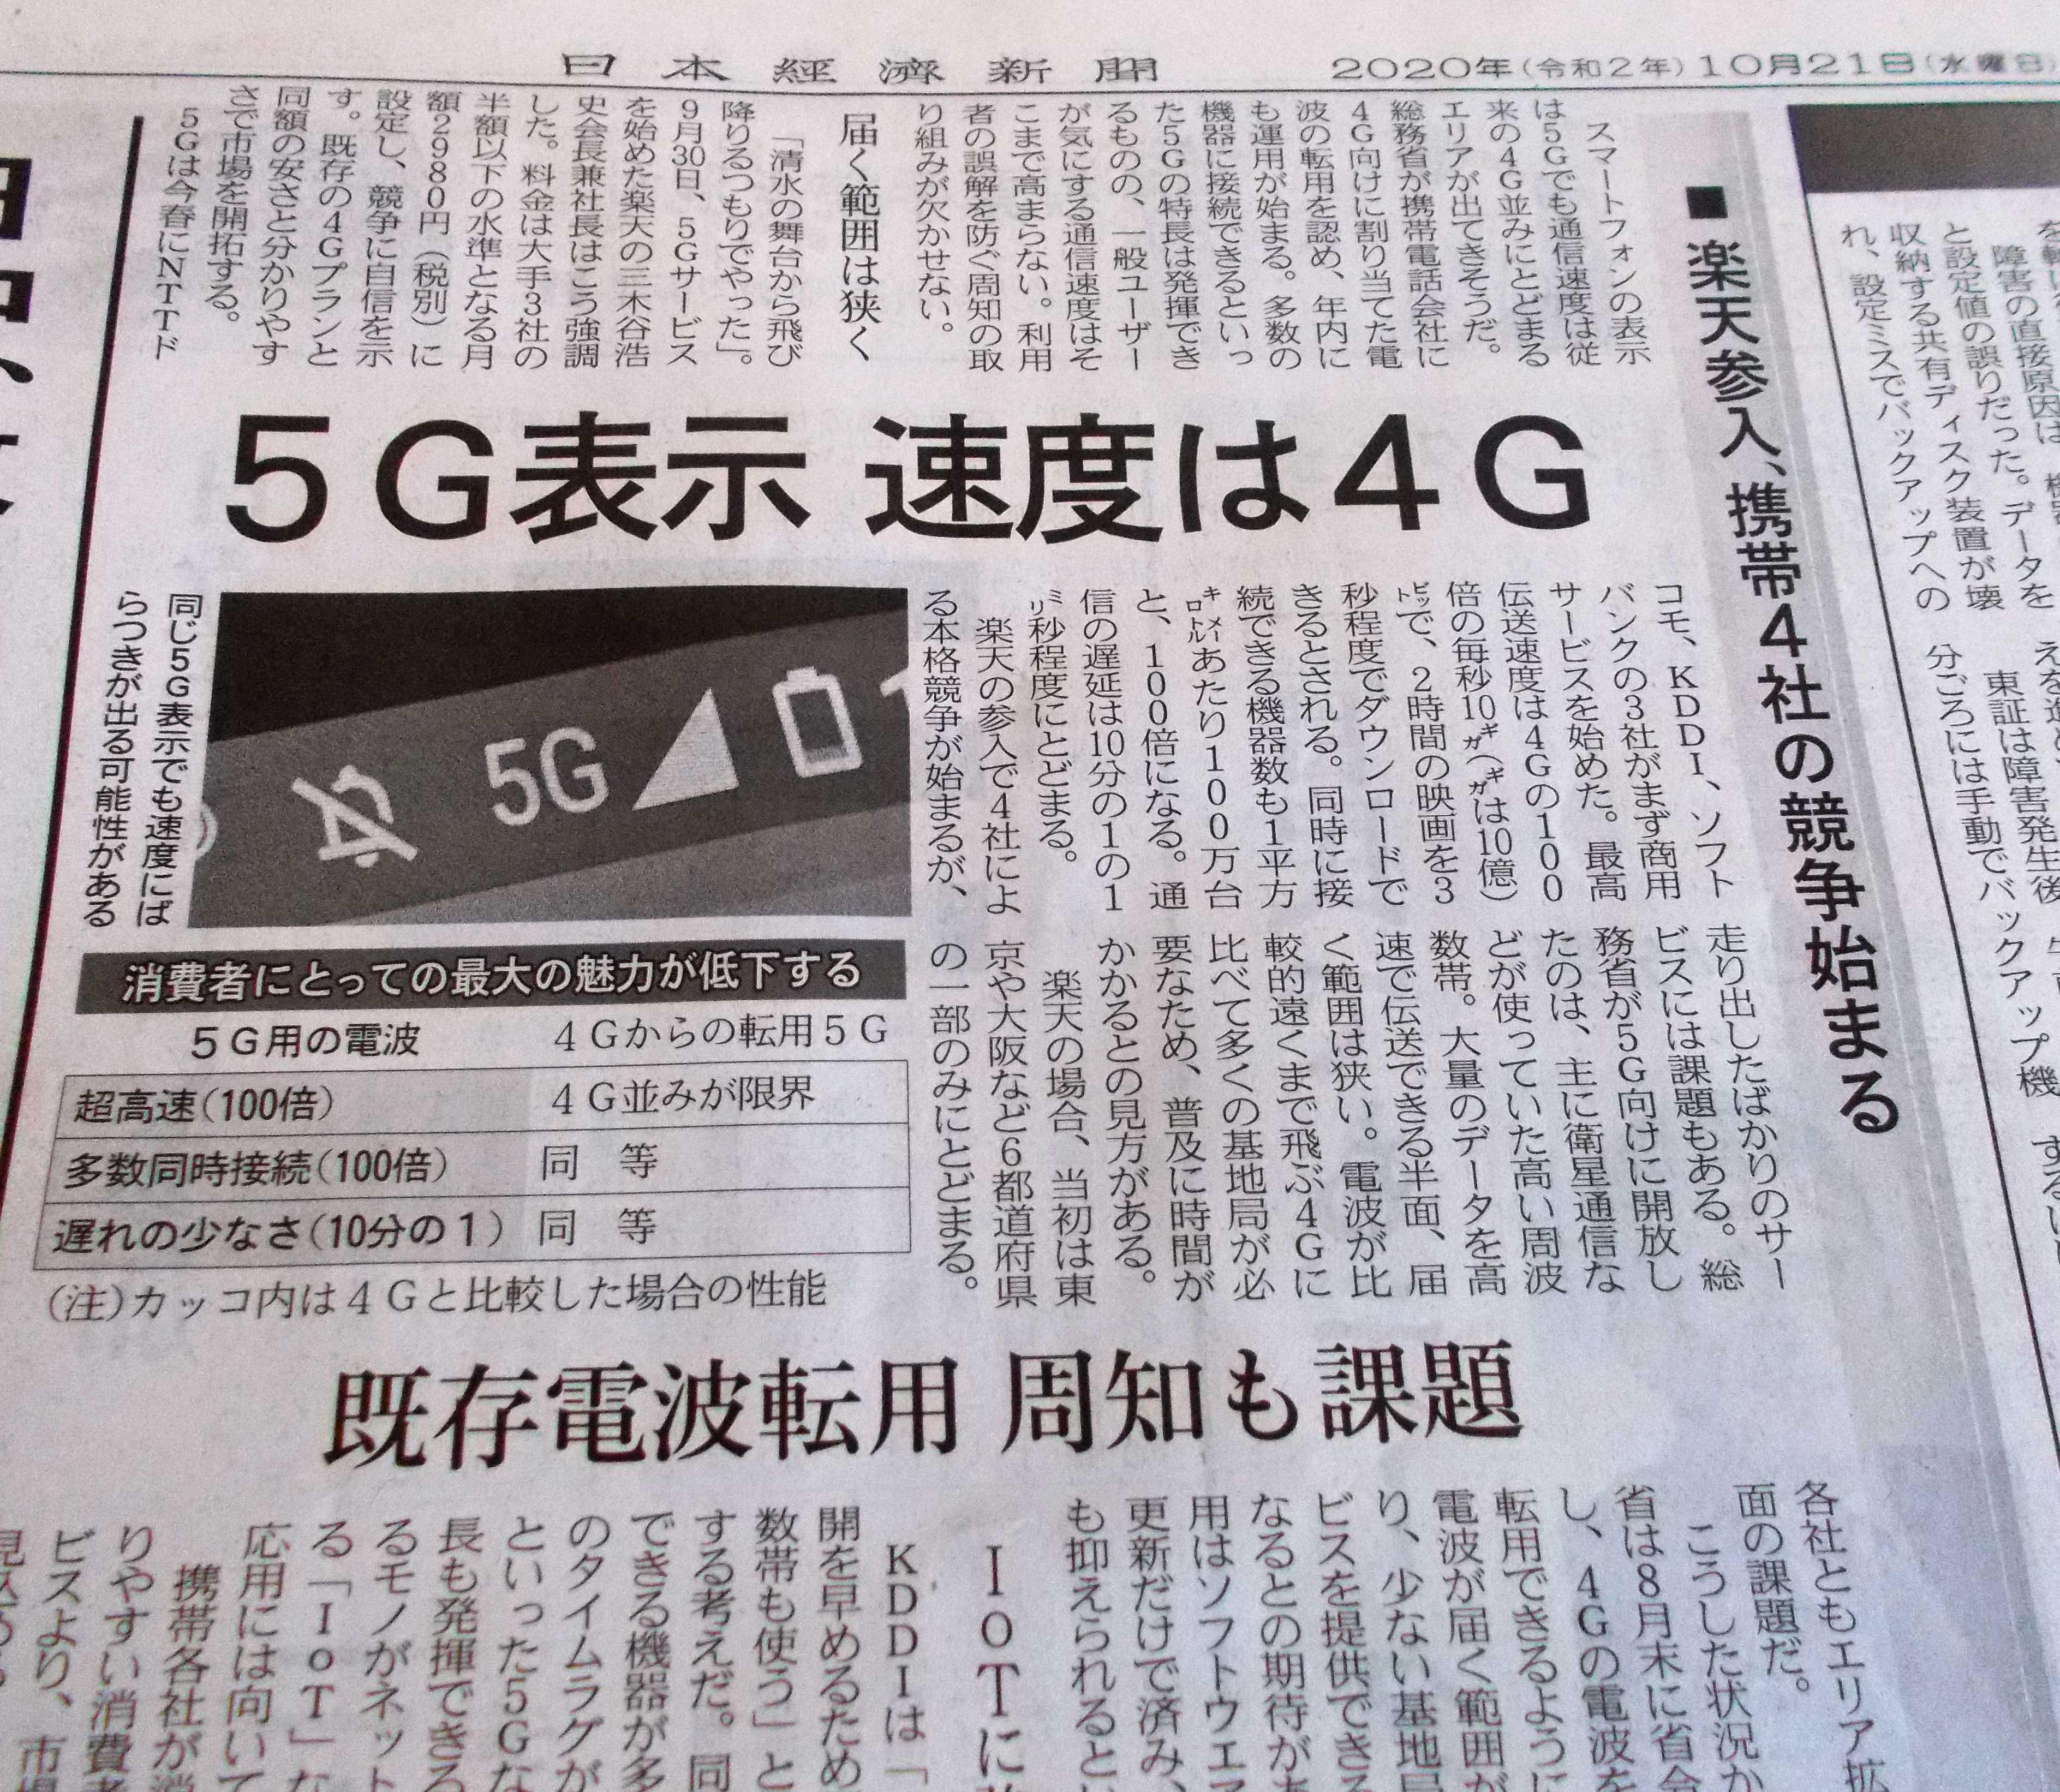 大阪 5g エリア